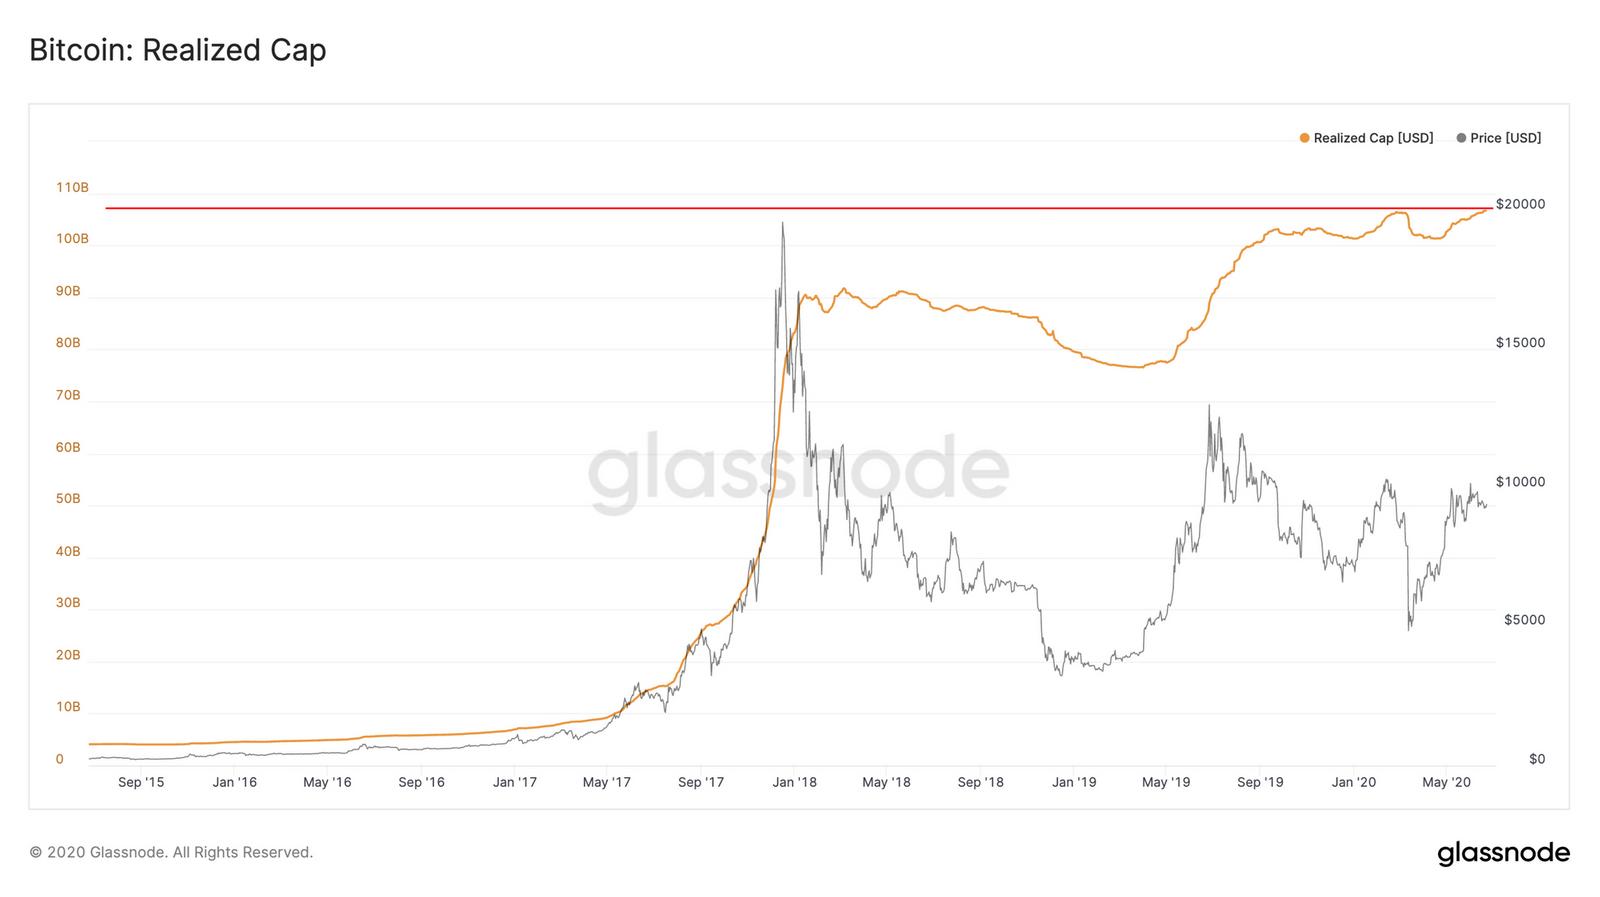 La capitalisation réalisée de Bitcoin atteint un niveau record. Source: Glassnode